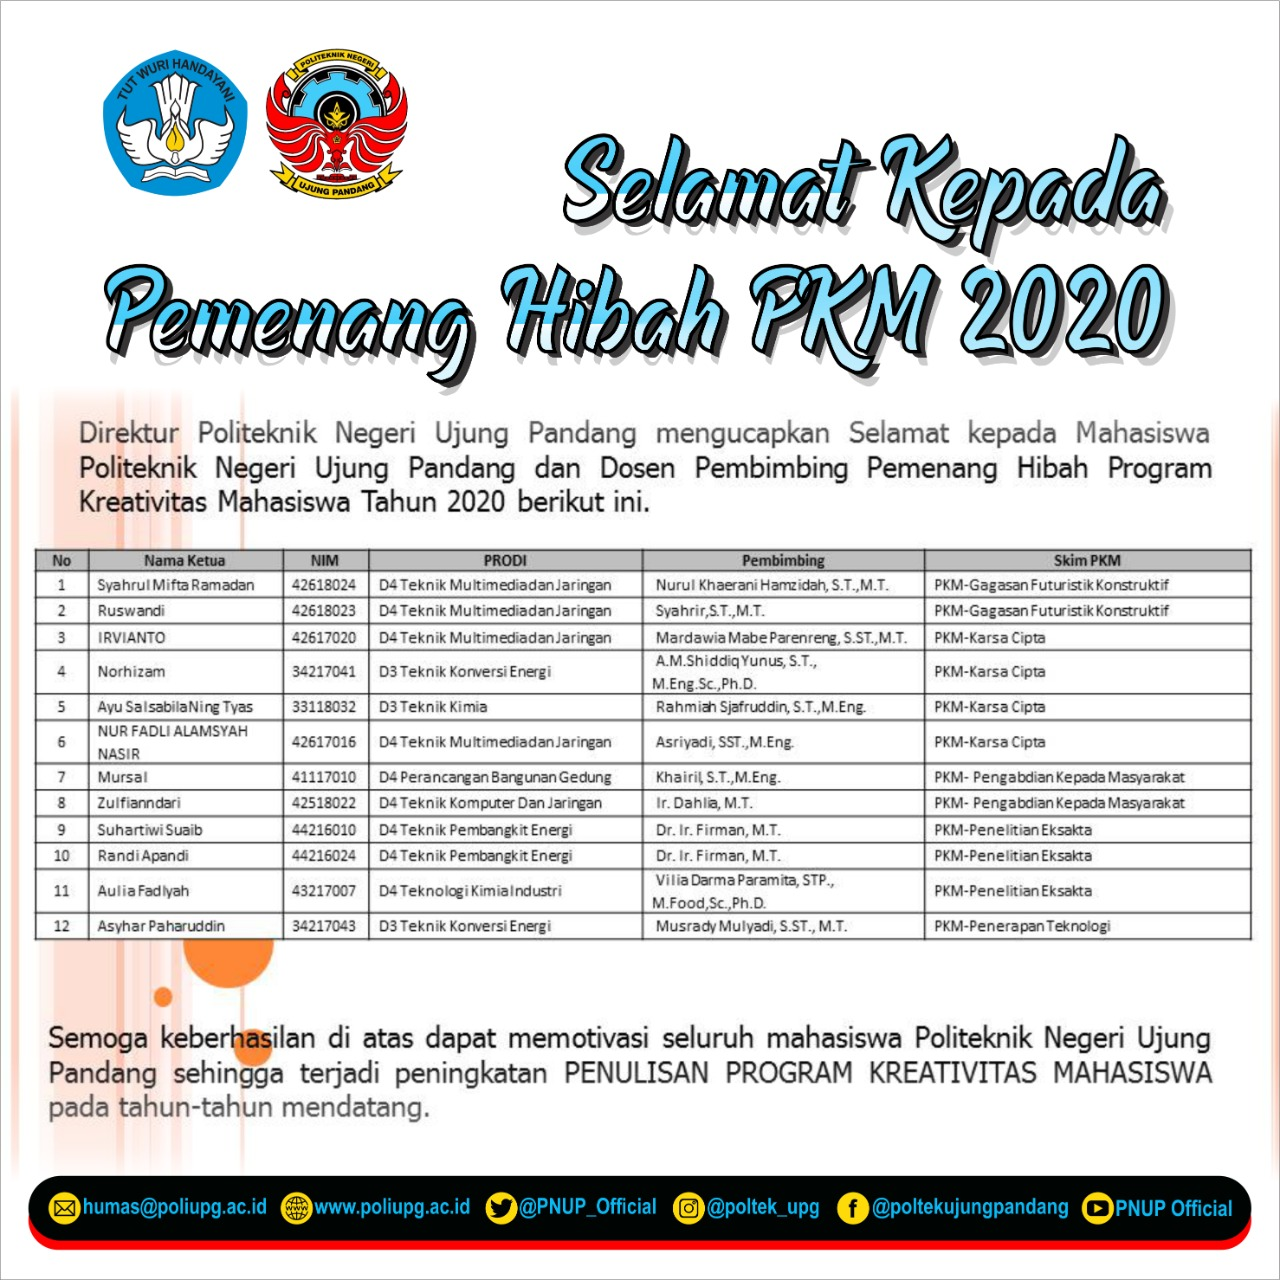 Pengumuman Pemenang Hibah PKM 2020